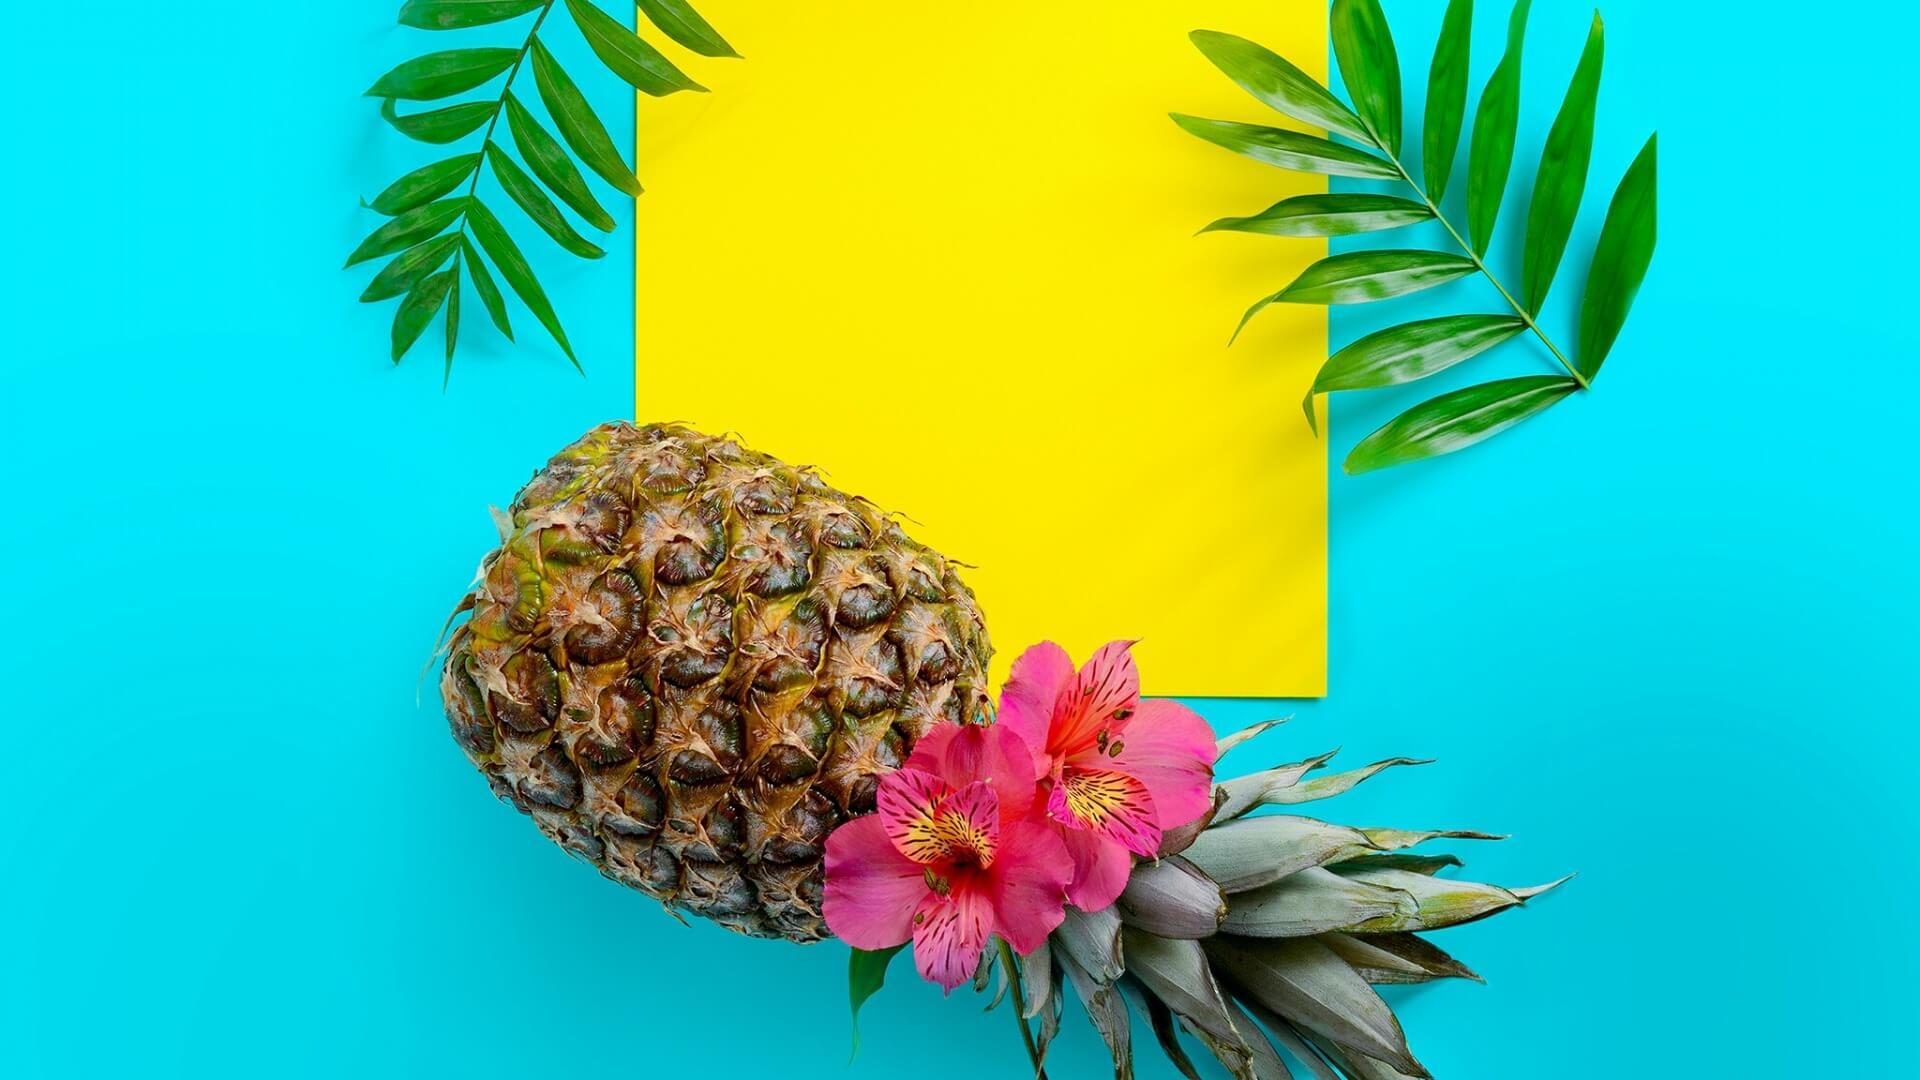 Красивые и прикольные картинки, обои ананаса - подборка 2018 12